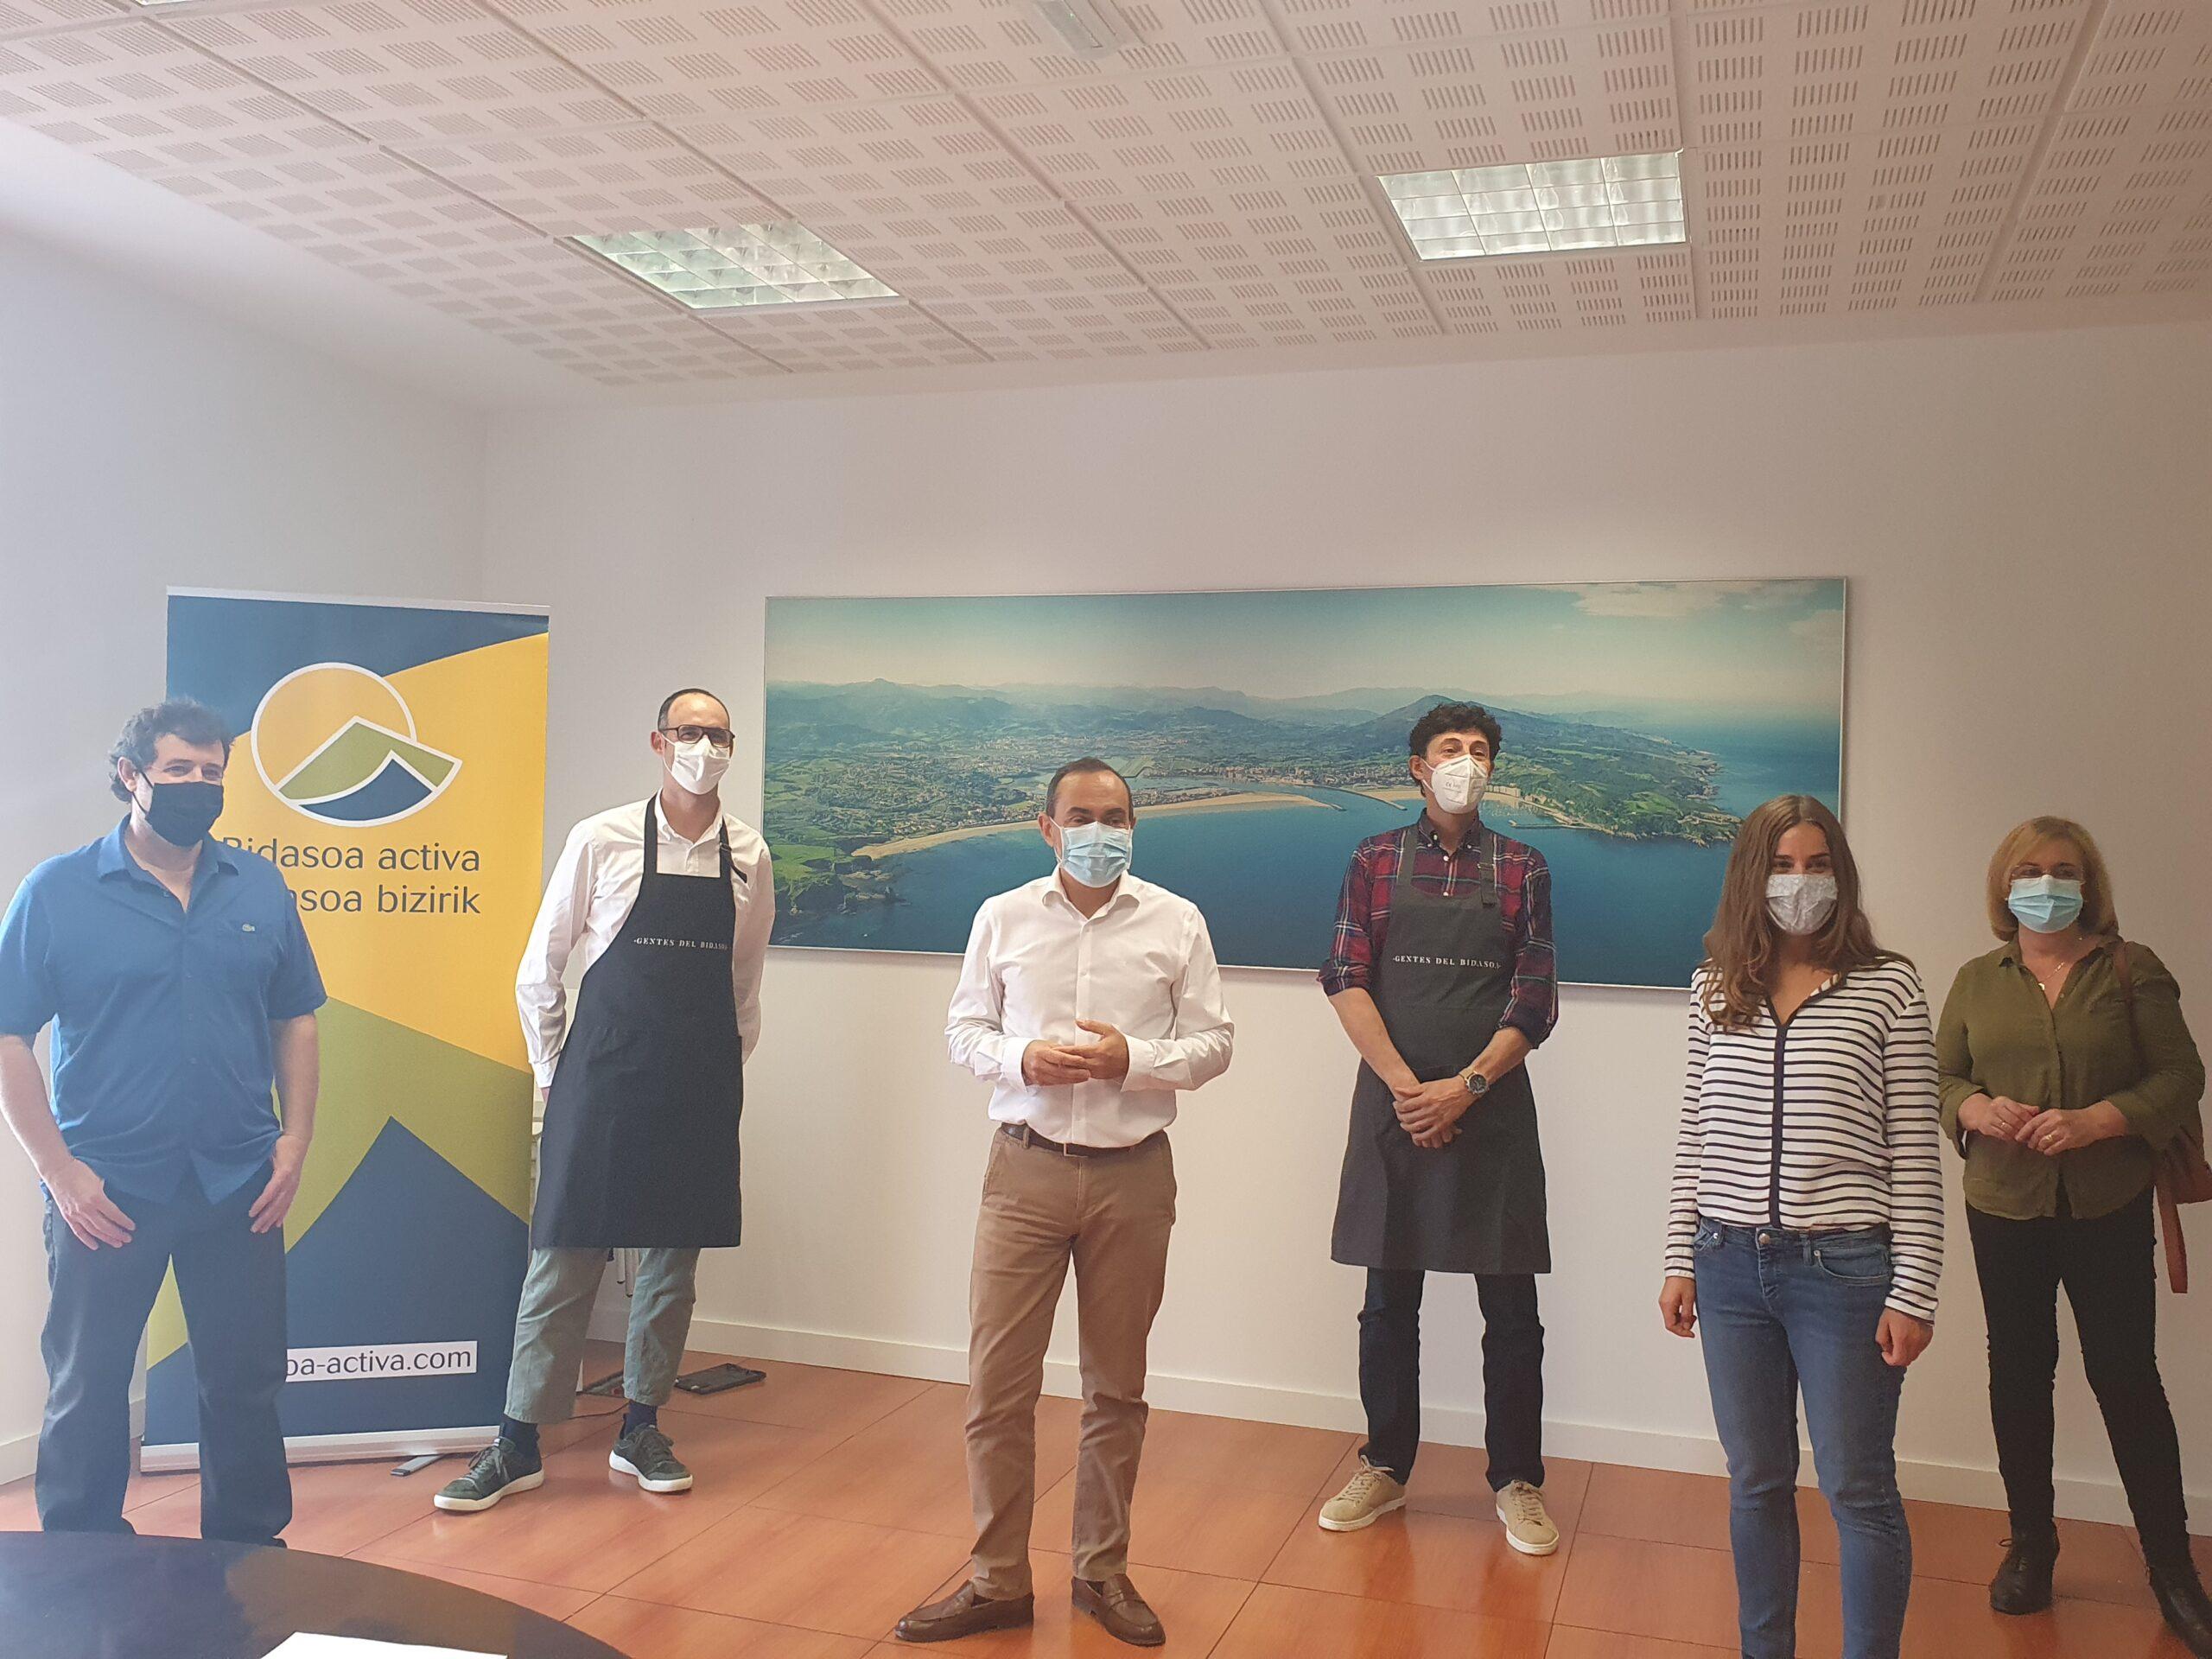 Bidasoa Activa E Iñigo Lavado Dan Continuidad Al Programa Online 'gentes Del Bidasoa' Con Una Segunda Temporada